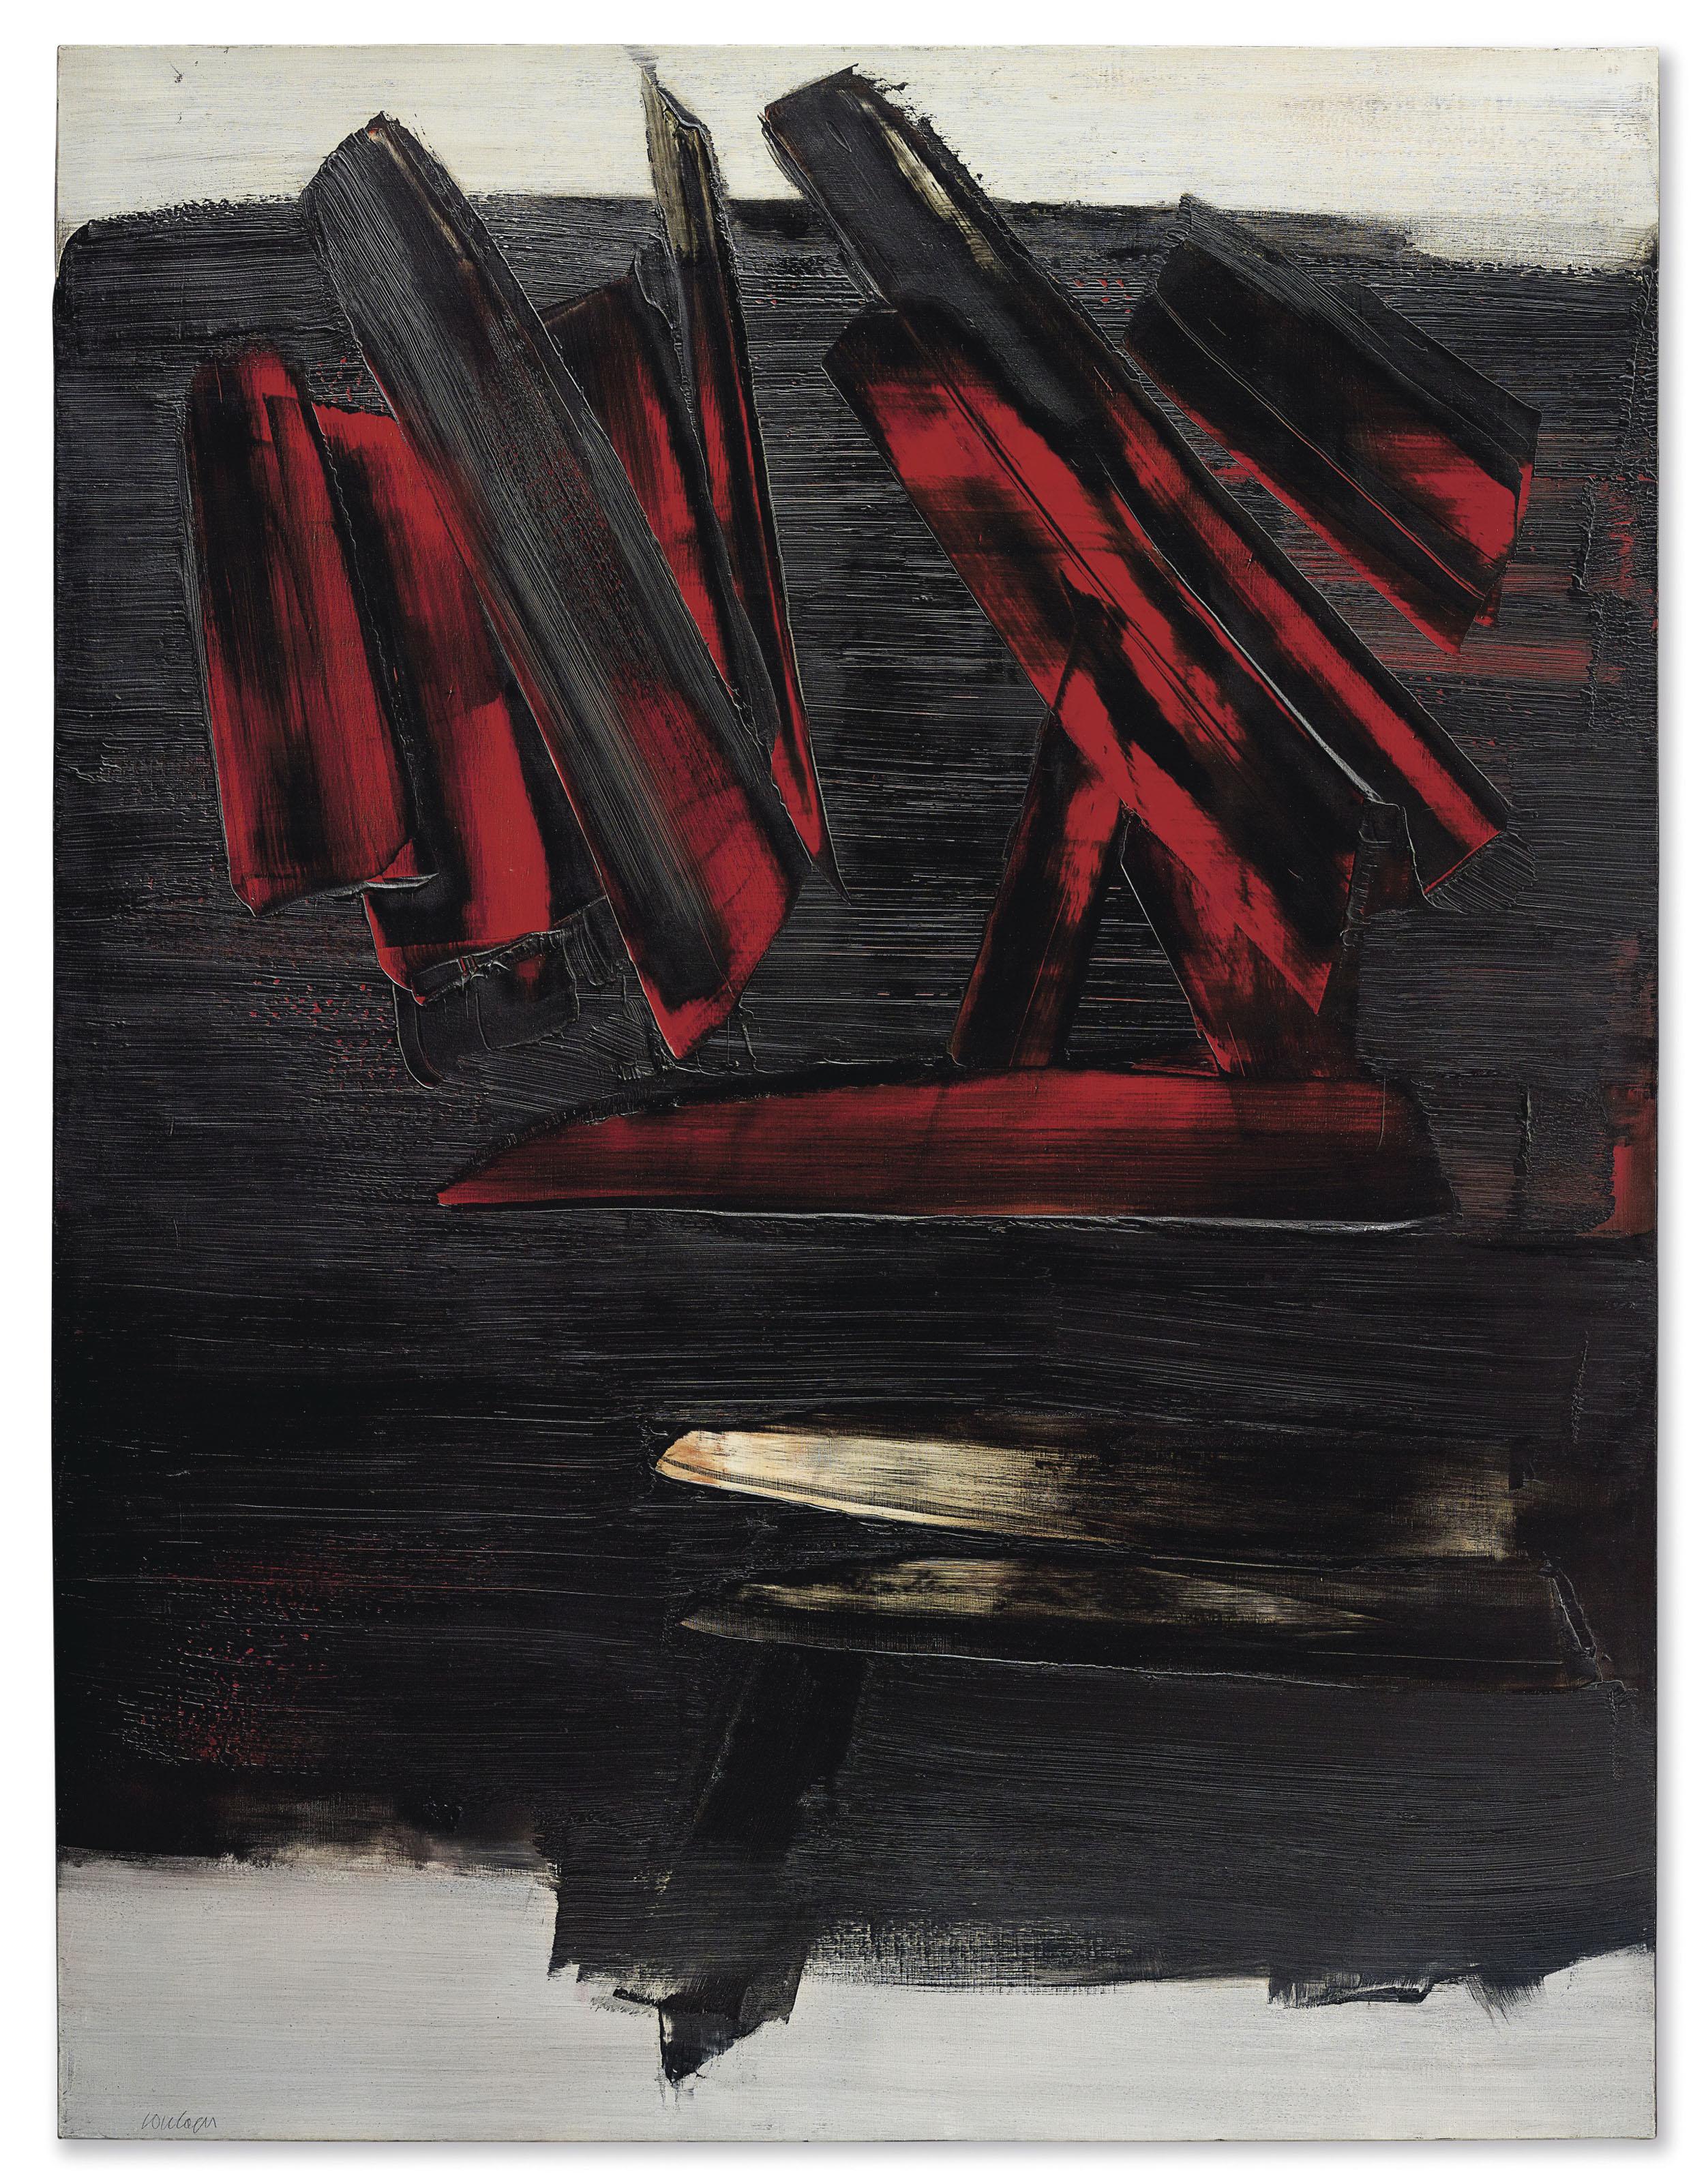 Pierre Soulages (b  1919) | Peinture 186 x 143 cm, 23